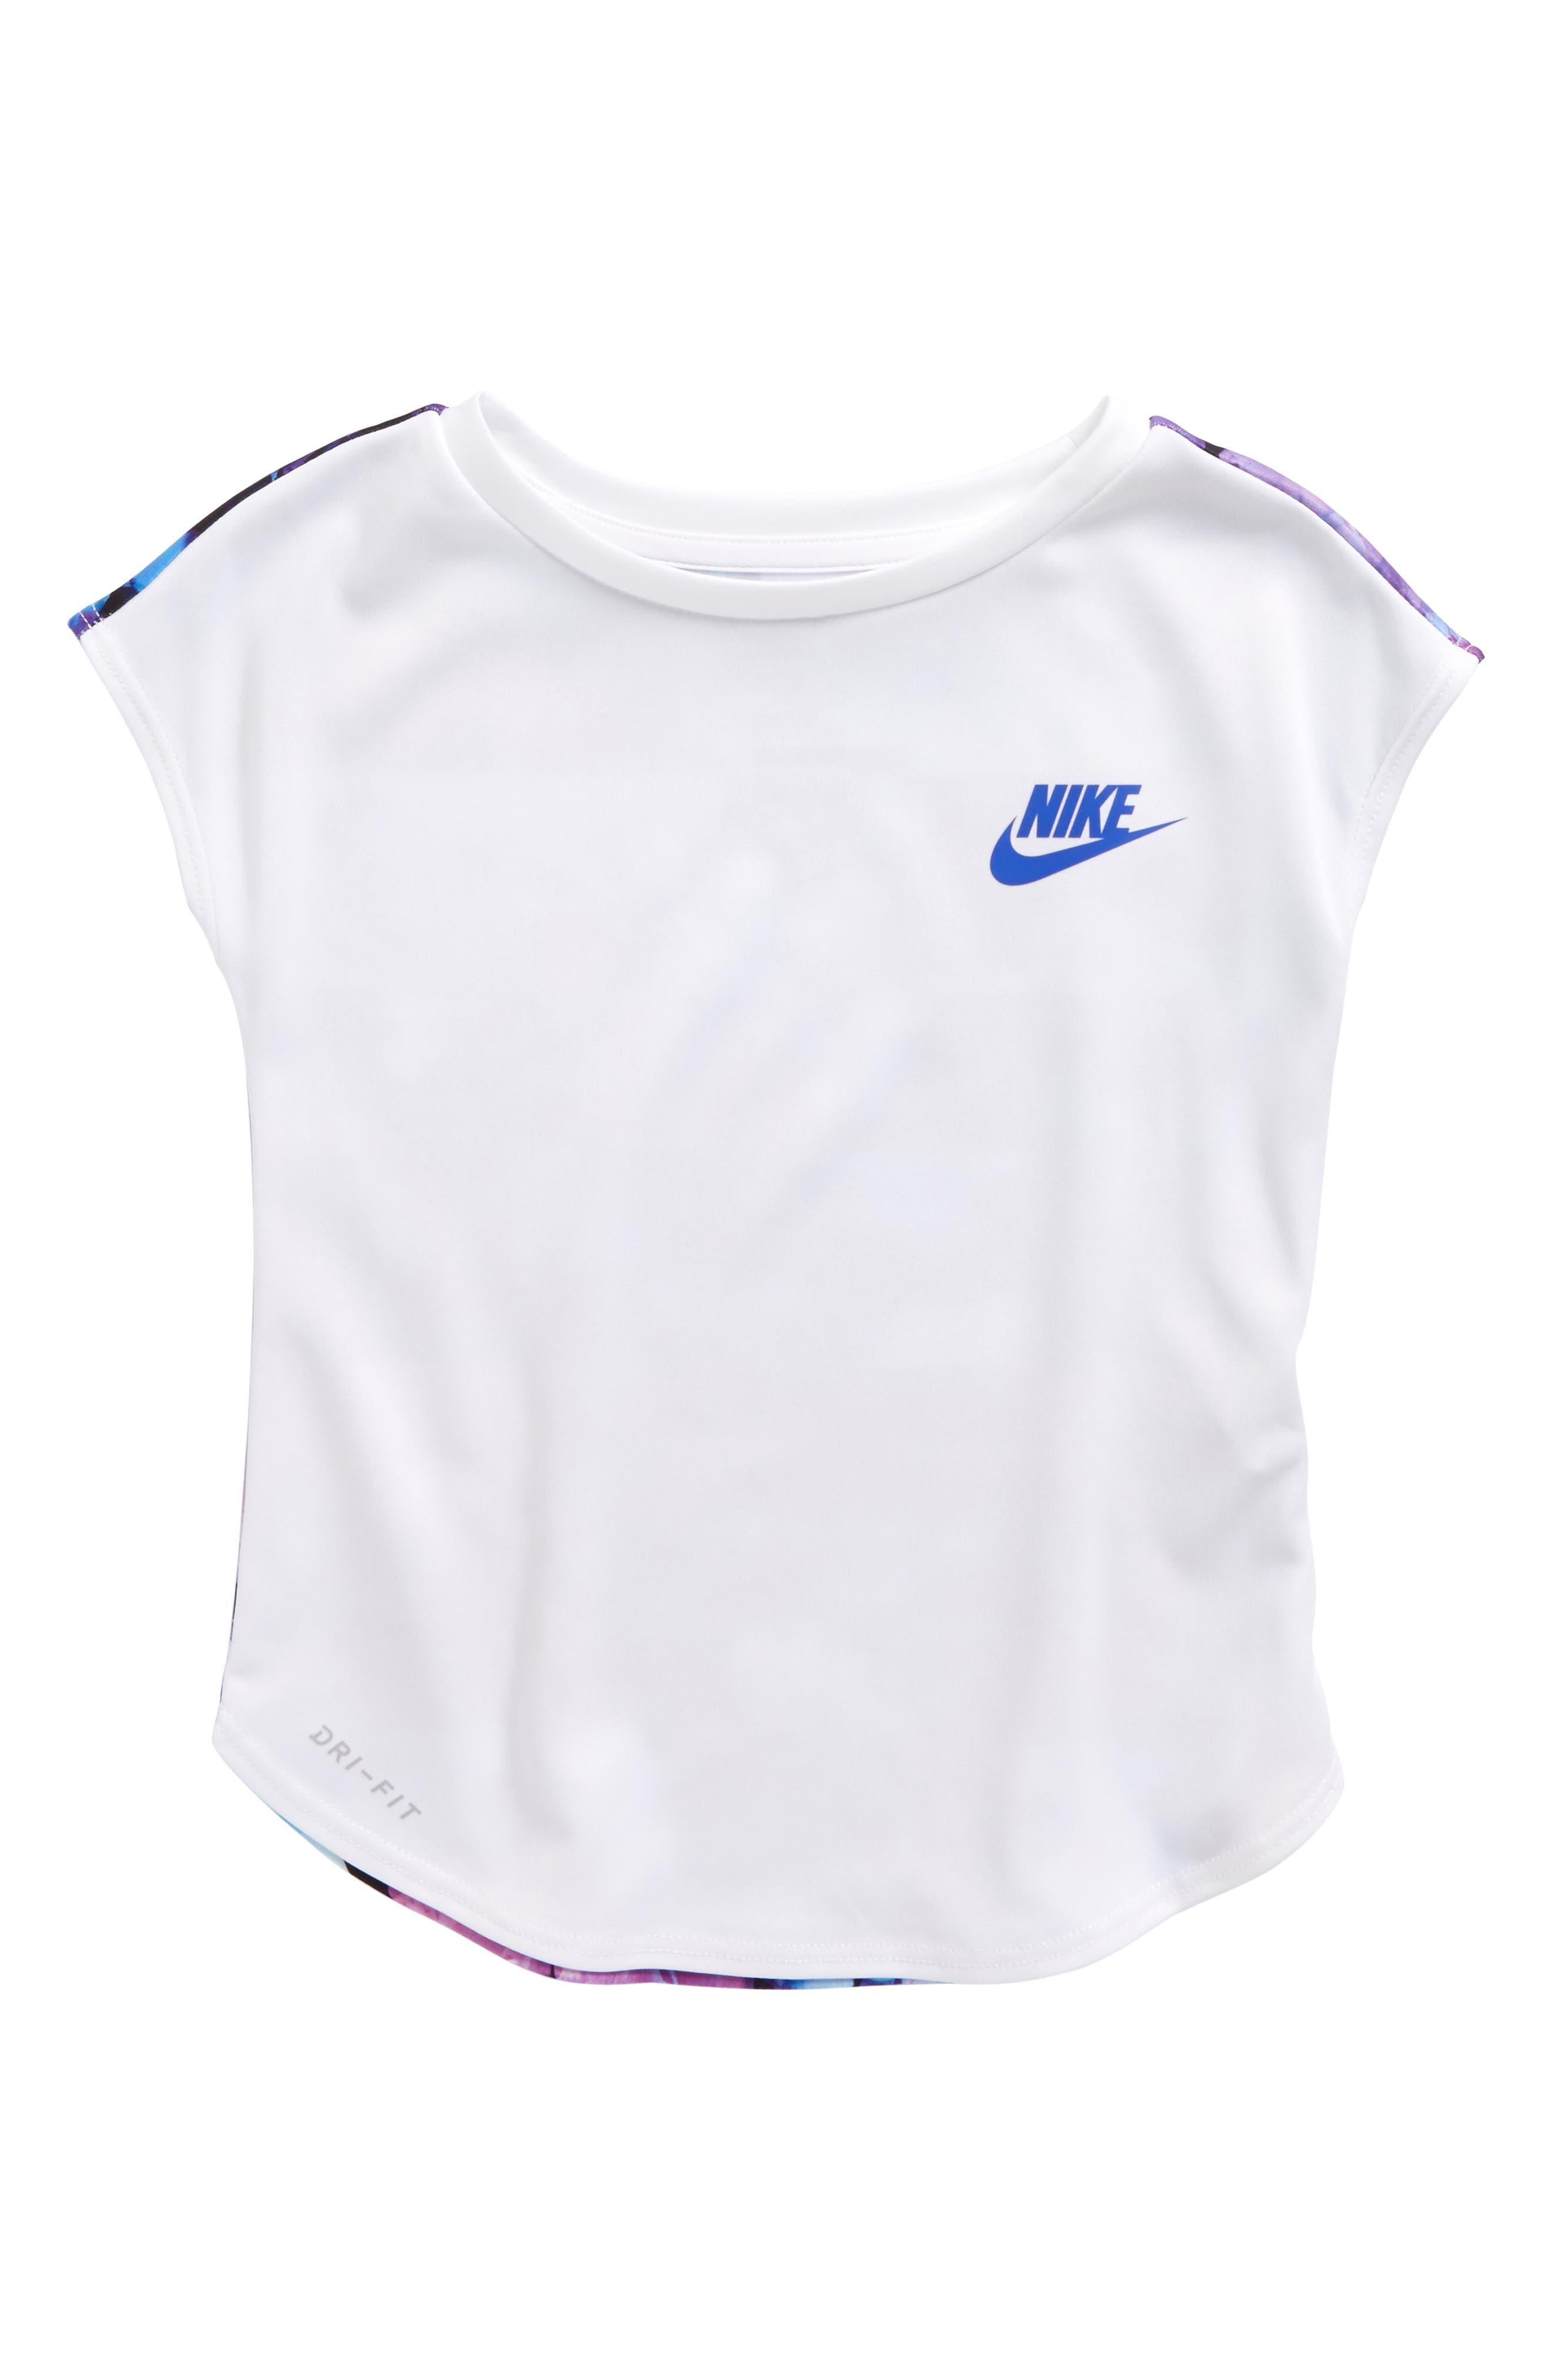 Alternate Image 1 Selected - Nike Flower Jams Graphic Dry Tee (Toddler Girls & Little Girls)